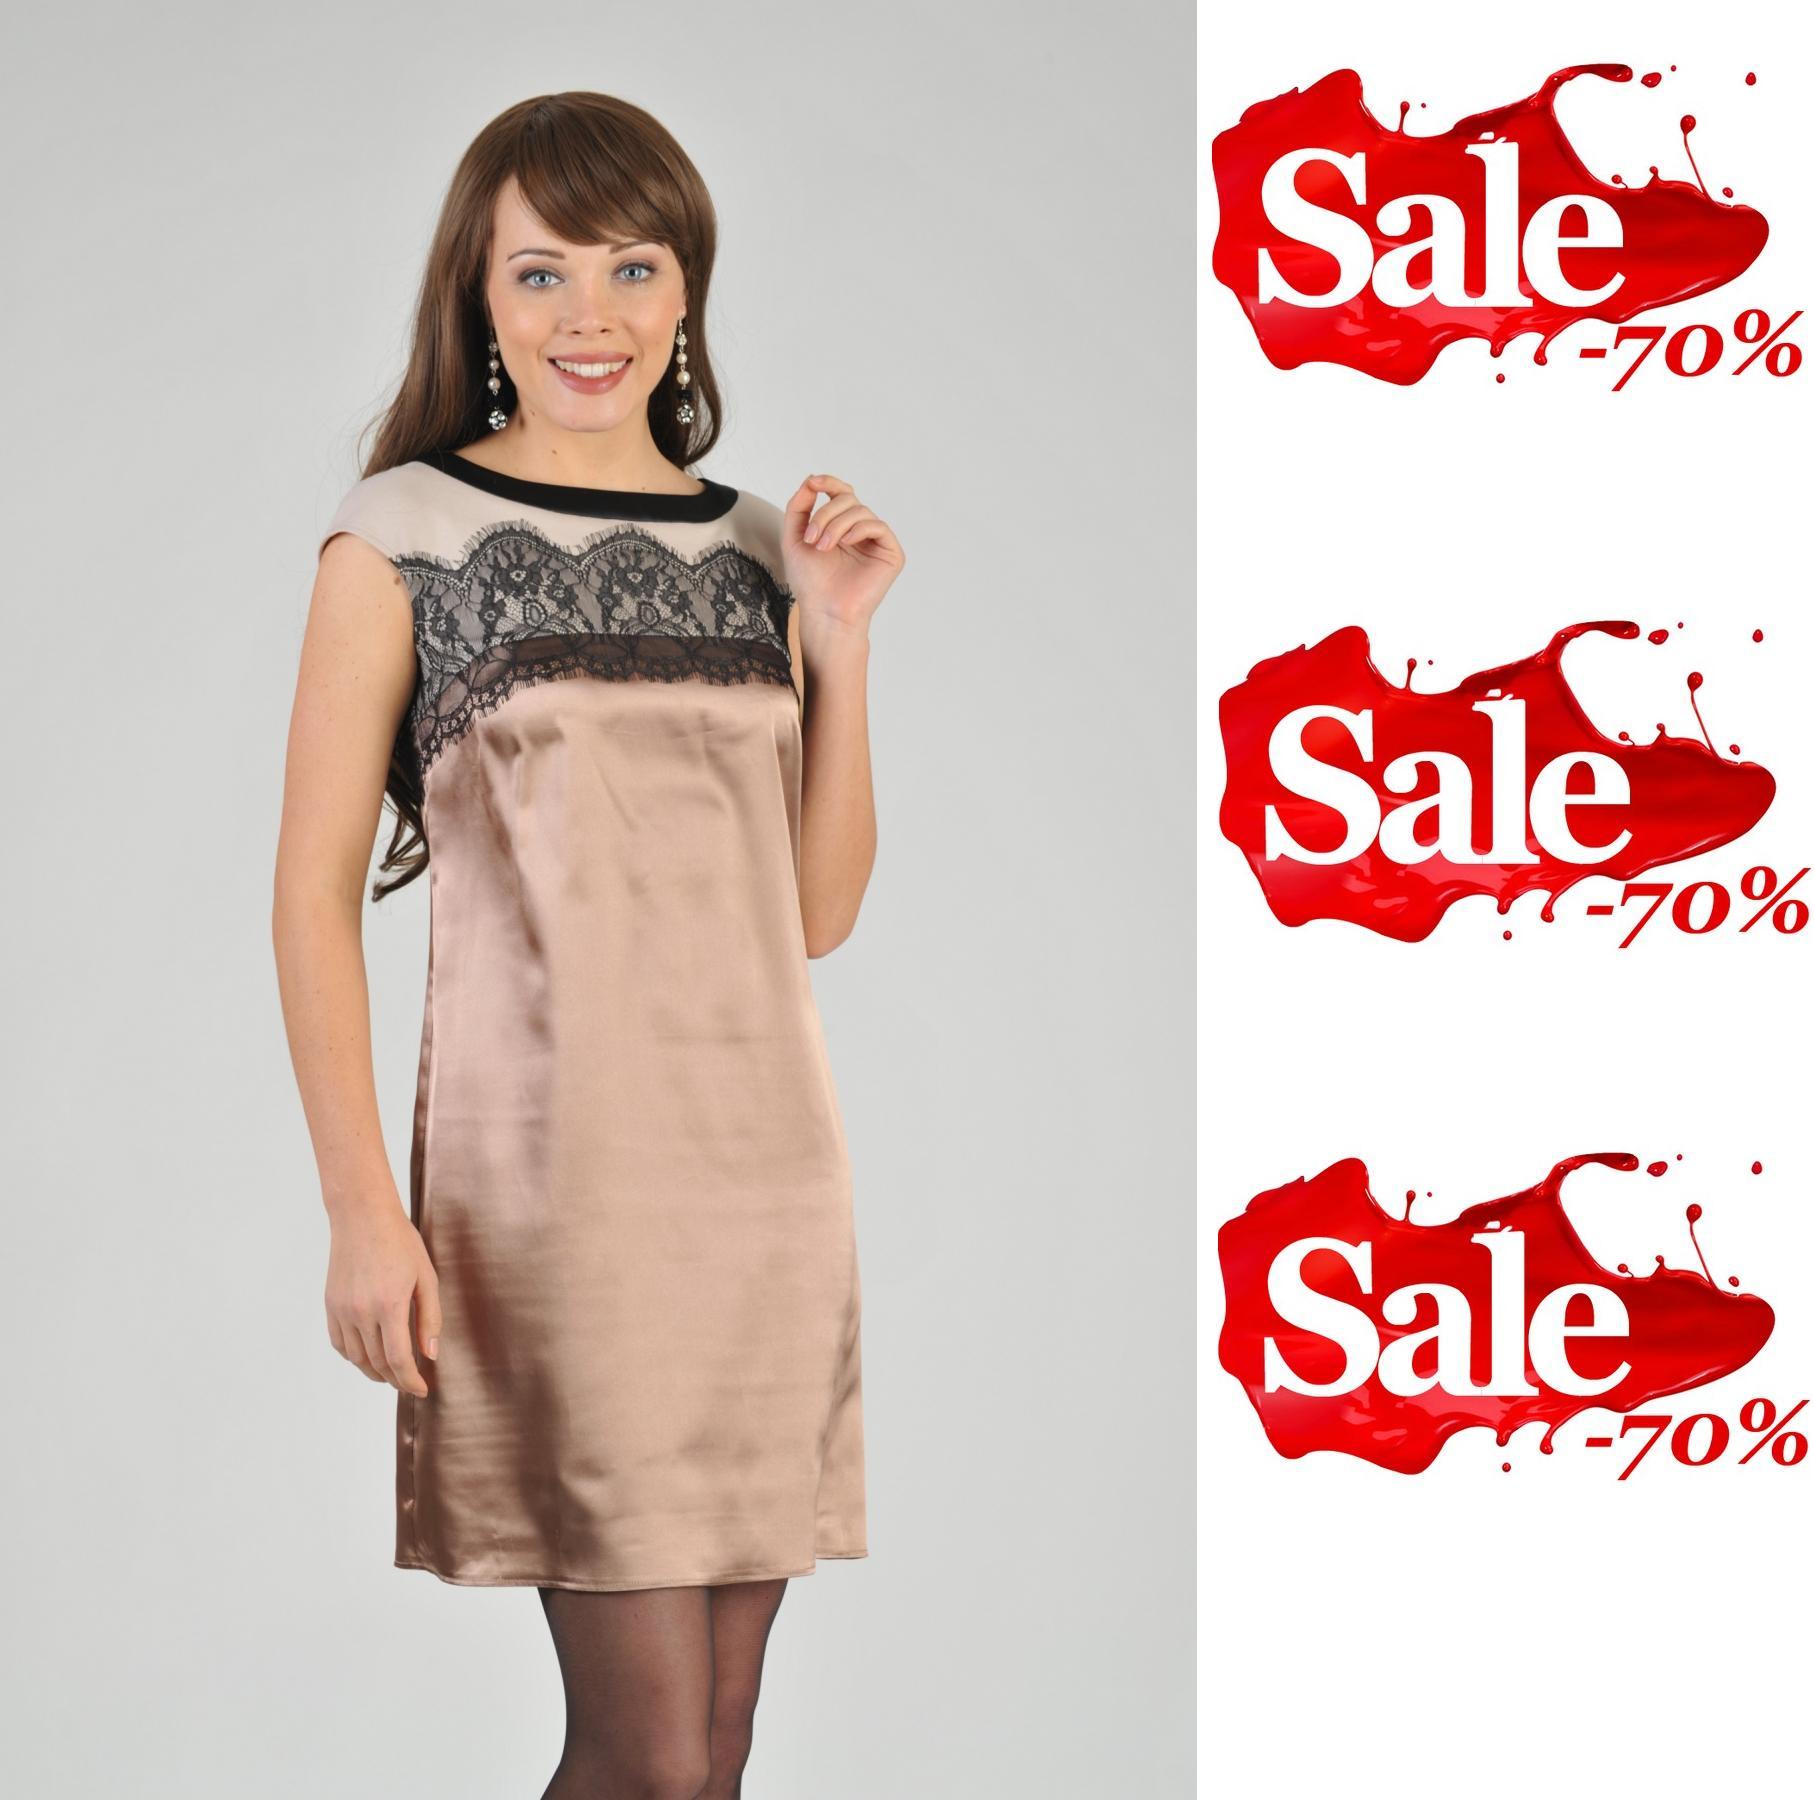 Мода-Л. Продолжение распродажи. Скидка 70%! Более 250 моделей платьев, юбок, блузок. Стоп 25 мая!